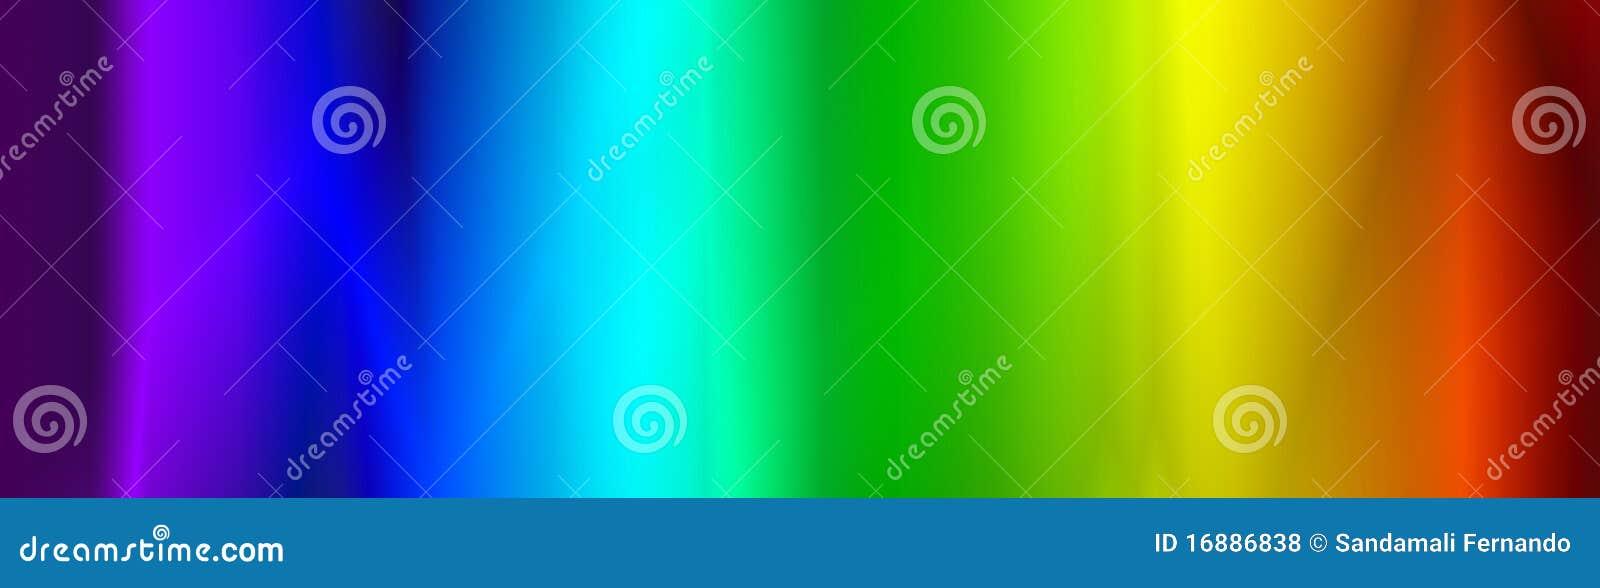 Het Webkopbal/banner van de regenboog